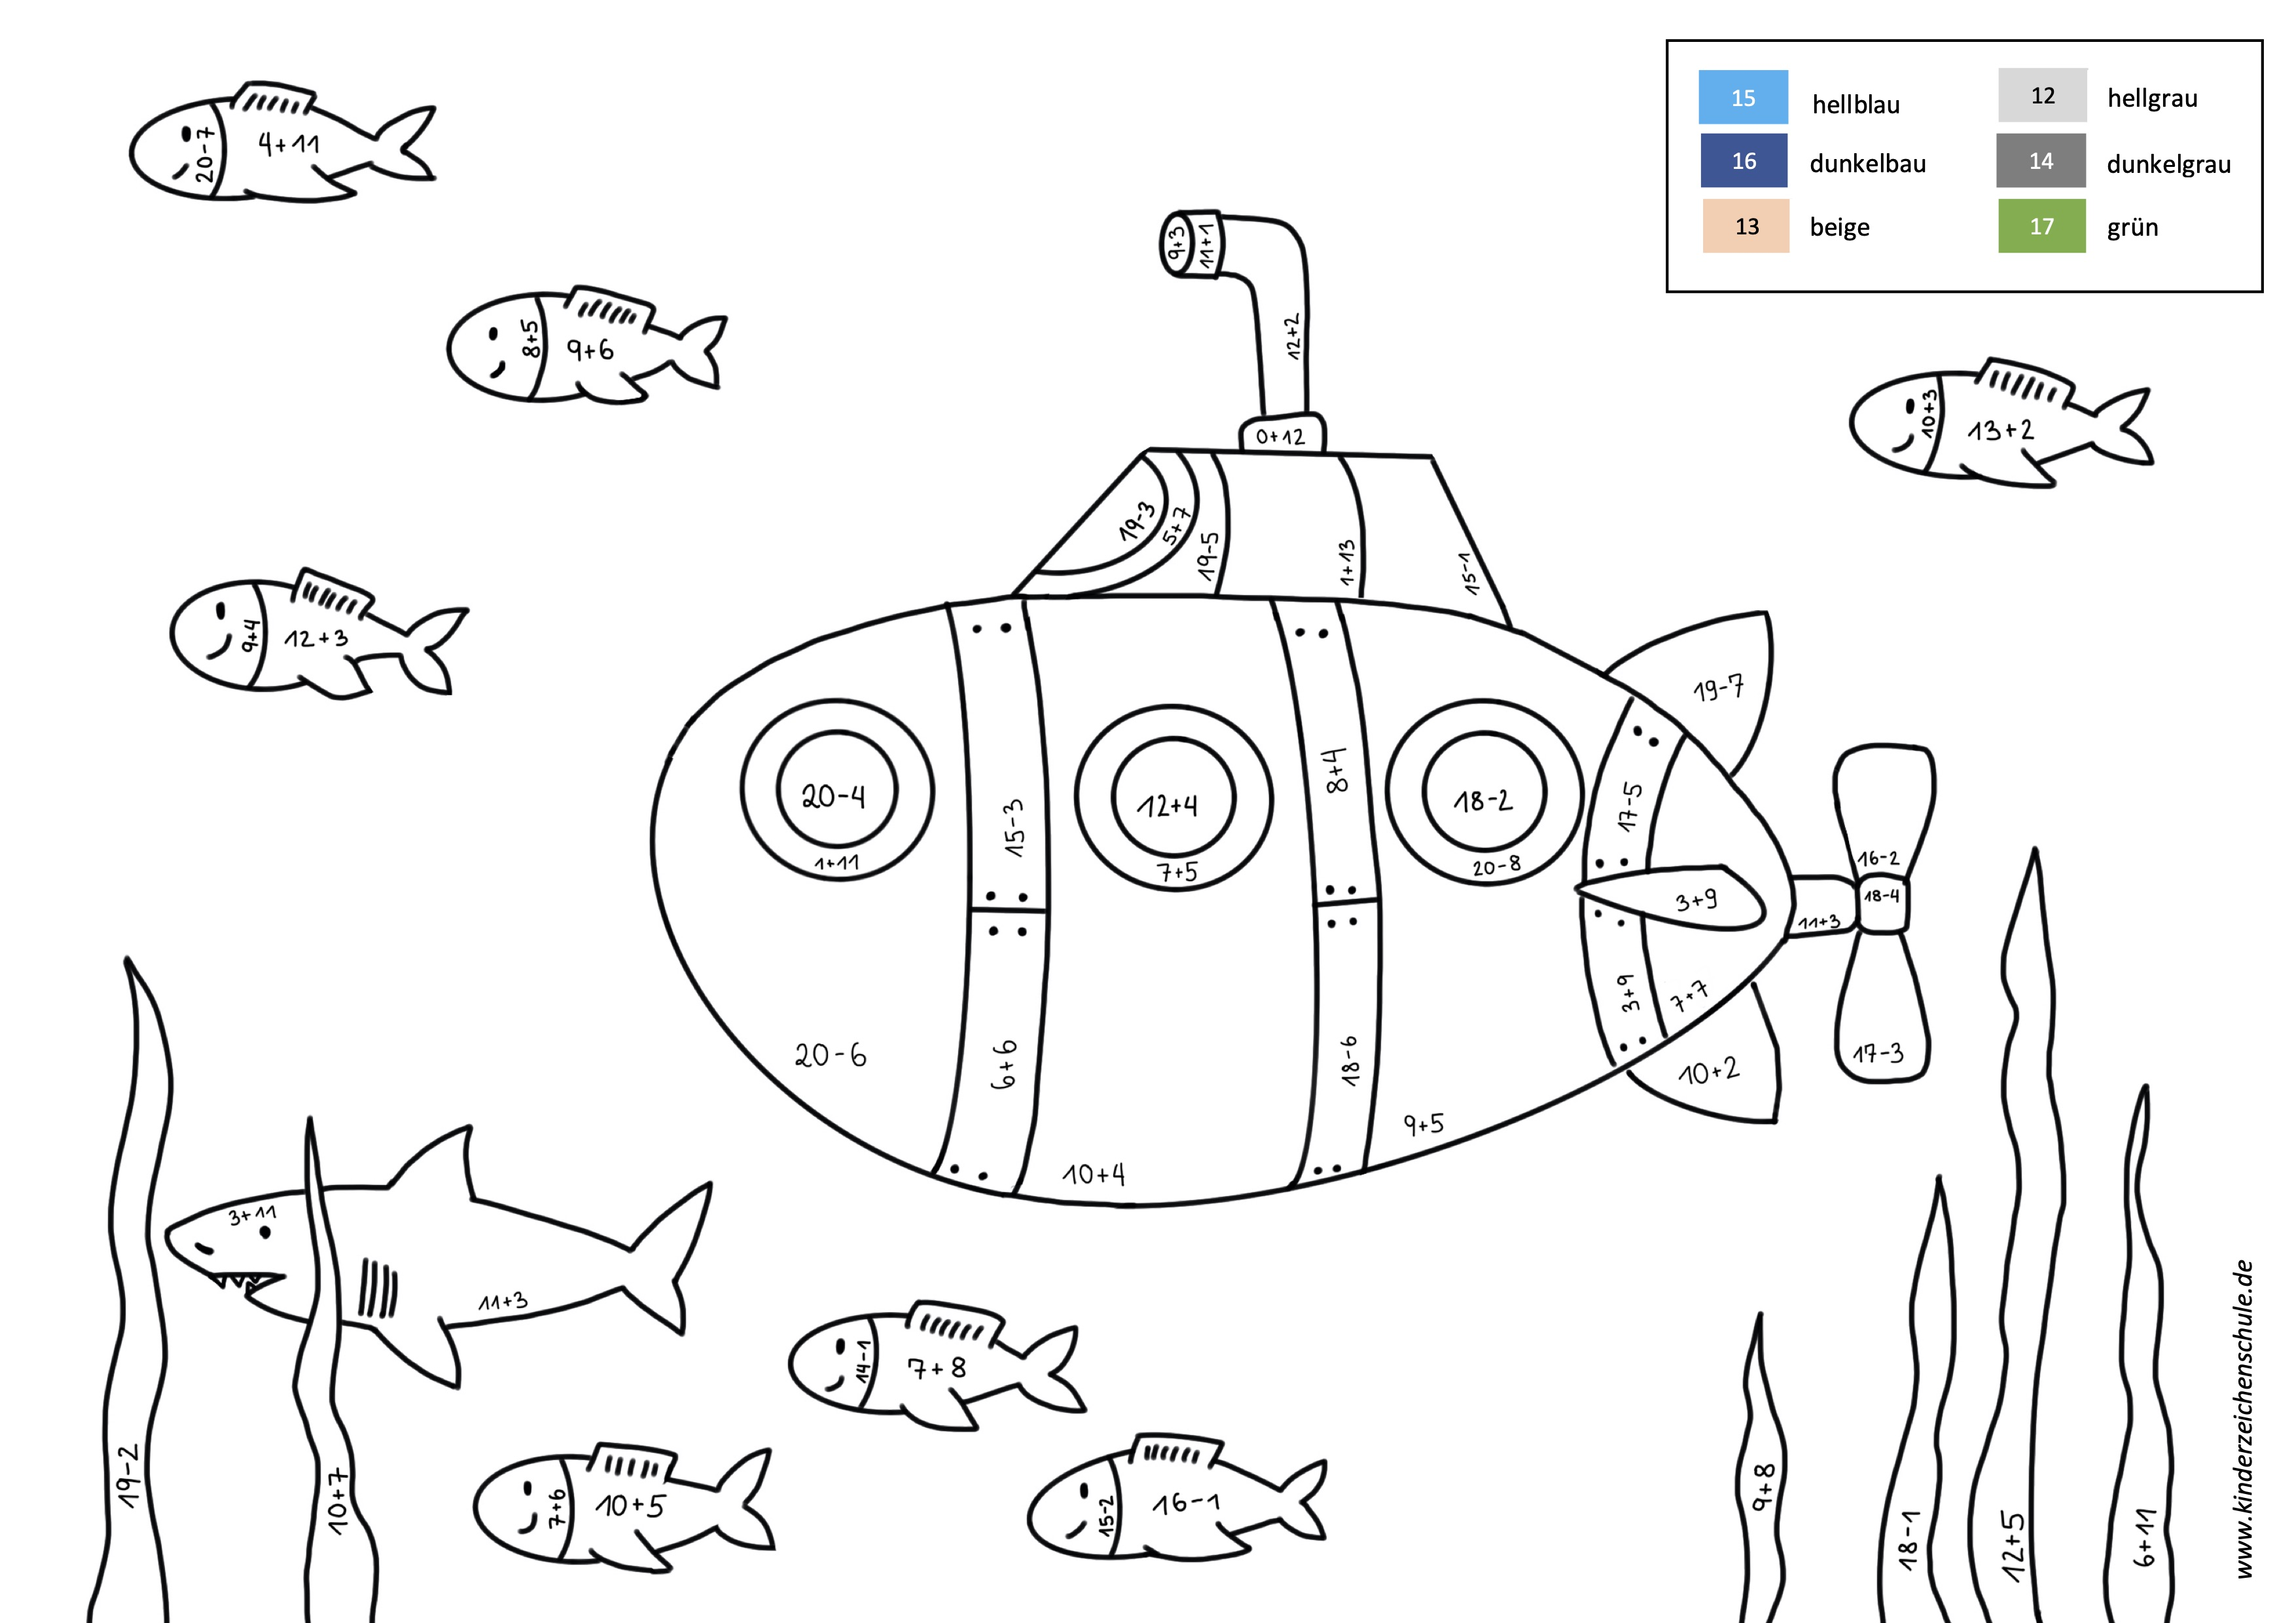 Uboot in Unterwasserwelt mit Fischen Malen nach Zahlen mit Rechenaufgaben Addition und Subtraktion b